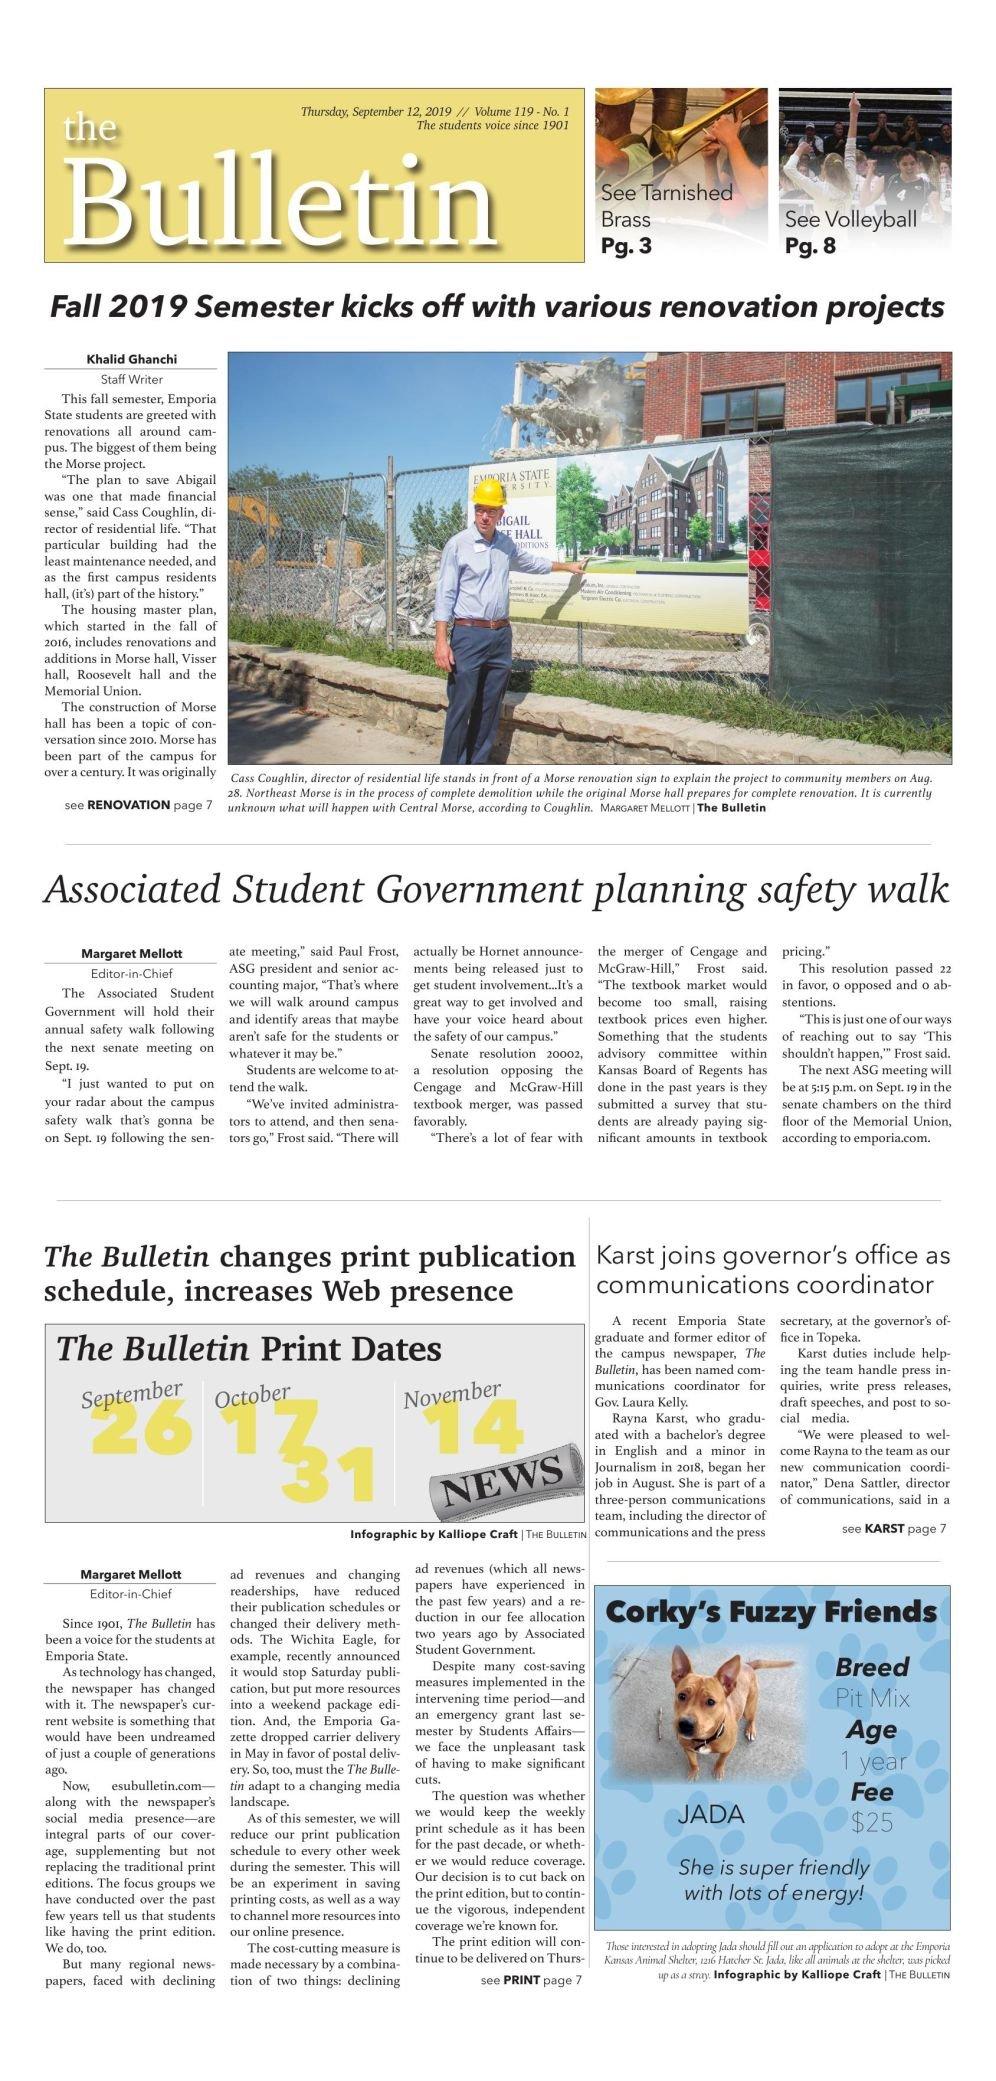 Full Issue, September 12, 2019